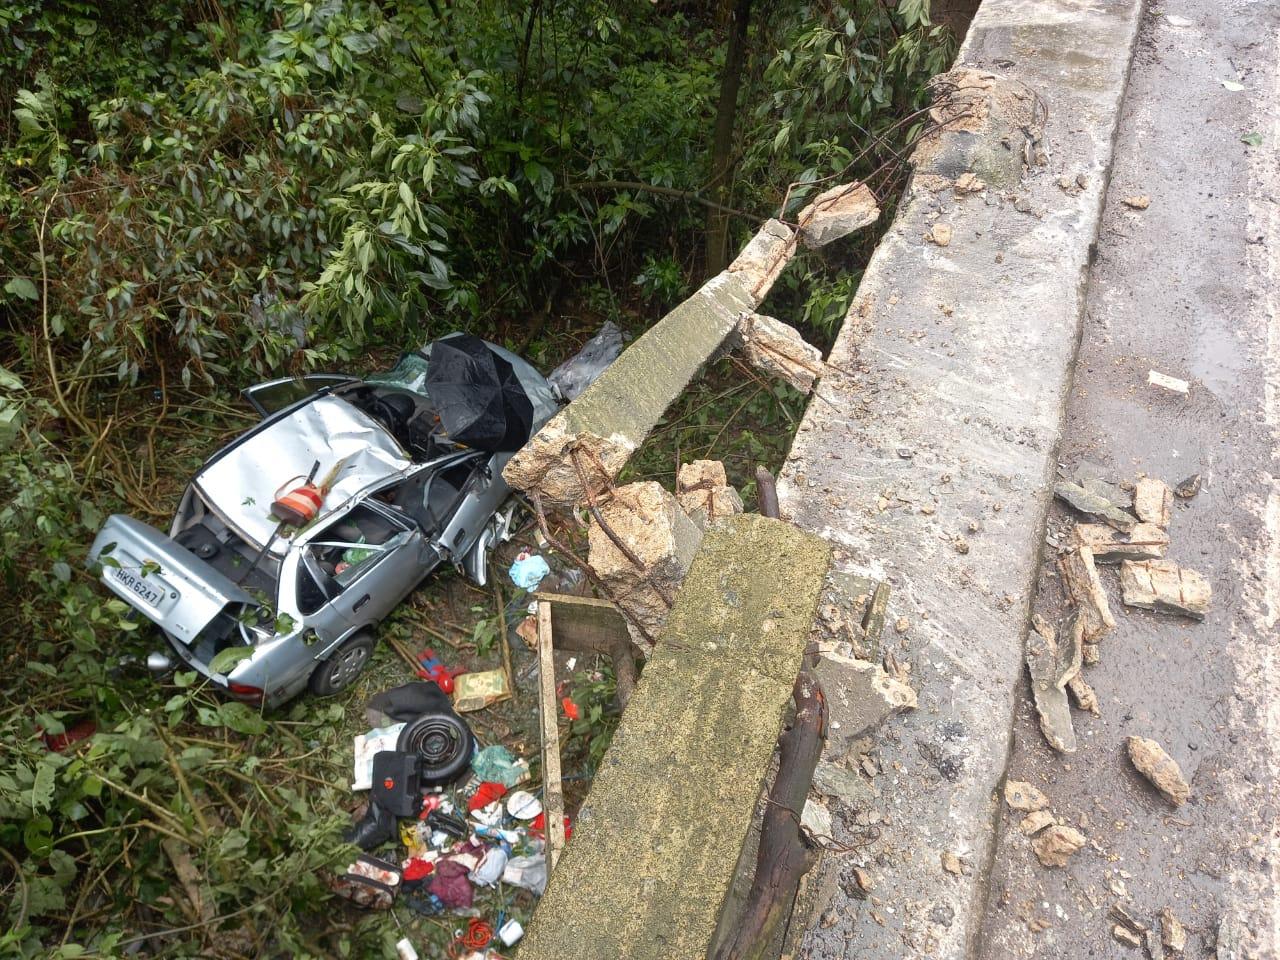 Acidente carro cai da ponte 1